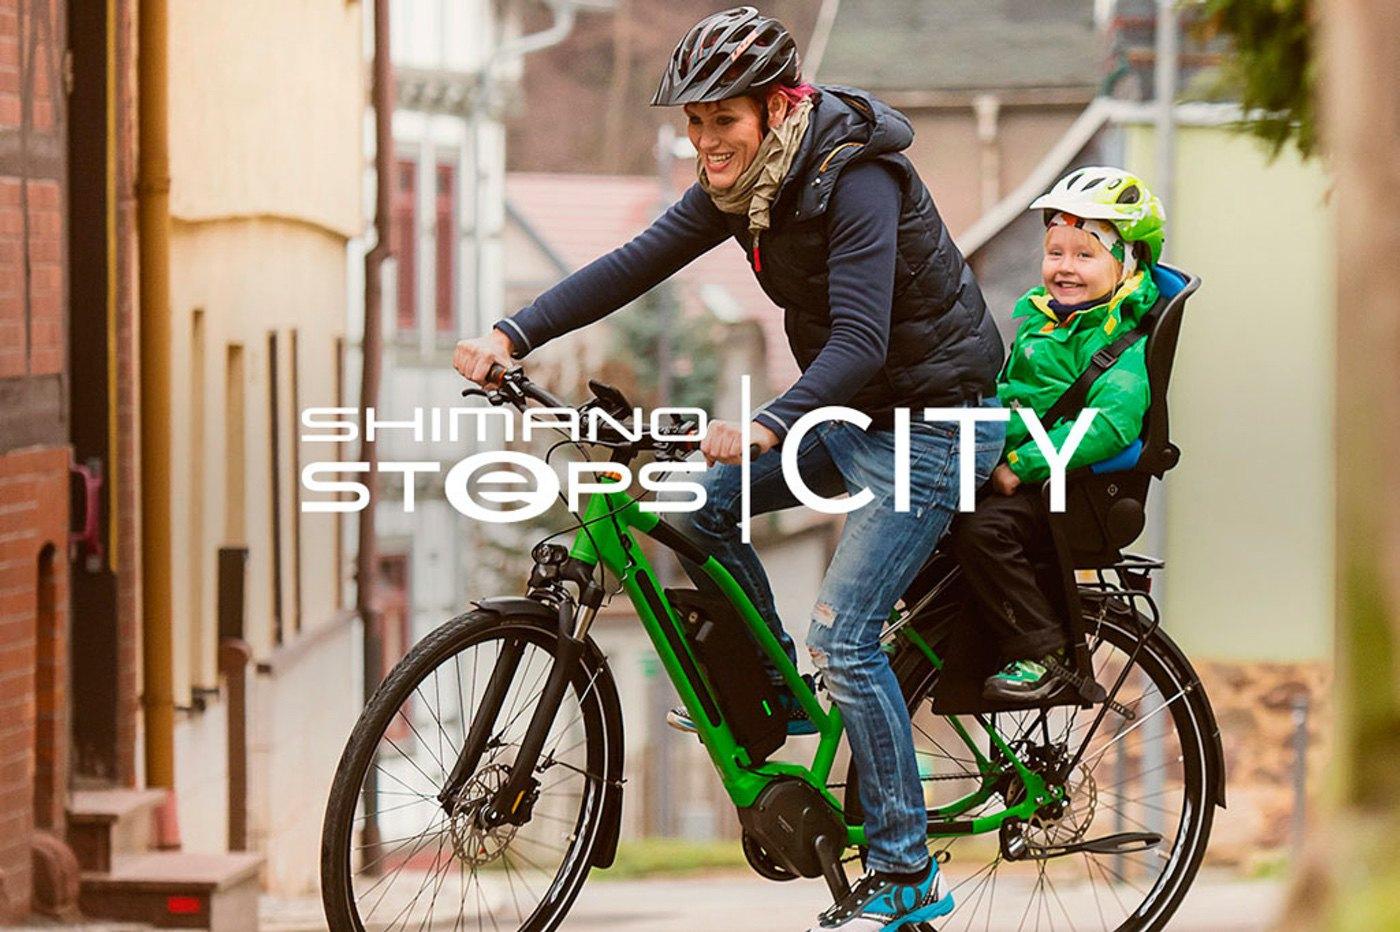 Nuevos componentes del Shimano Steps para e-bikes urbanas, E6002/12